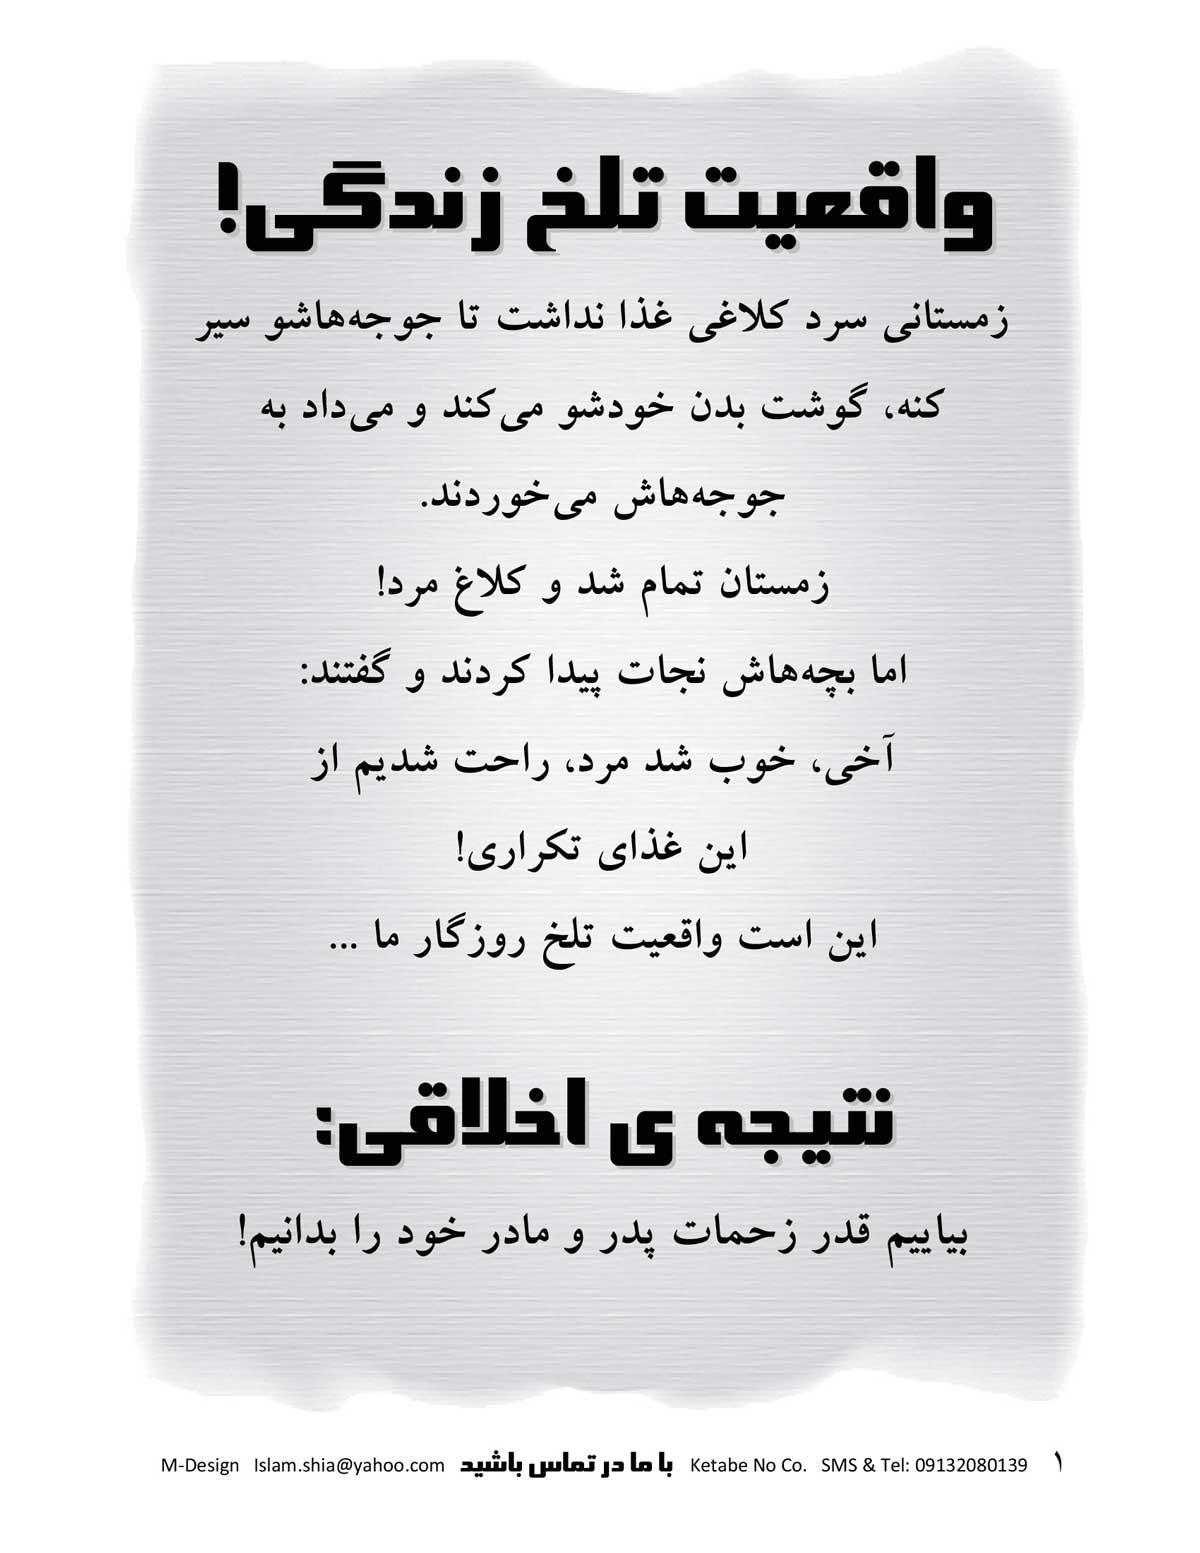 داستان های اخلاقی بردهای فرهنگی مسعود مردیها